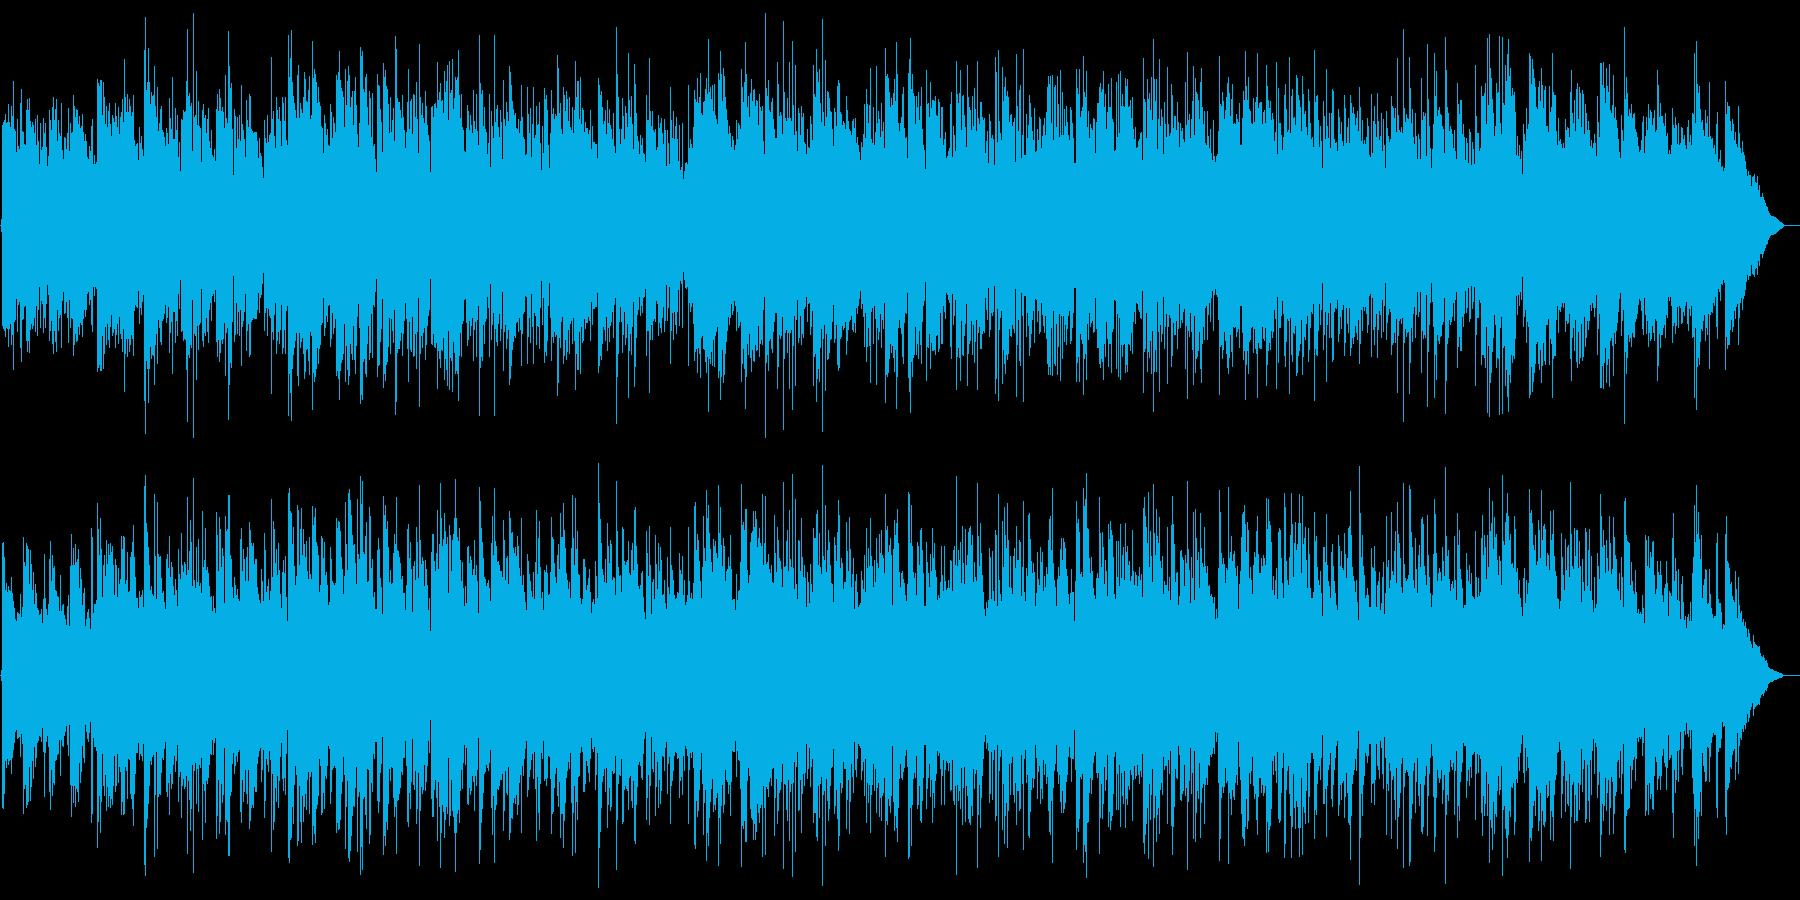 軽やかで清らかなアコギサウンドの再生済みの波形